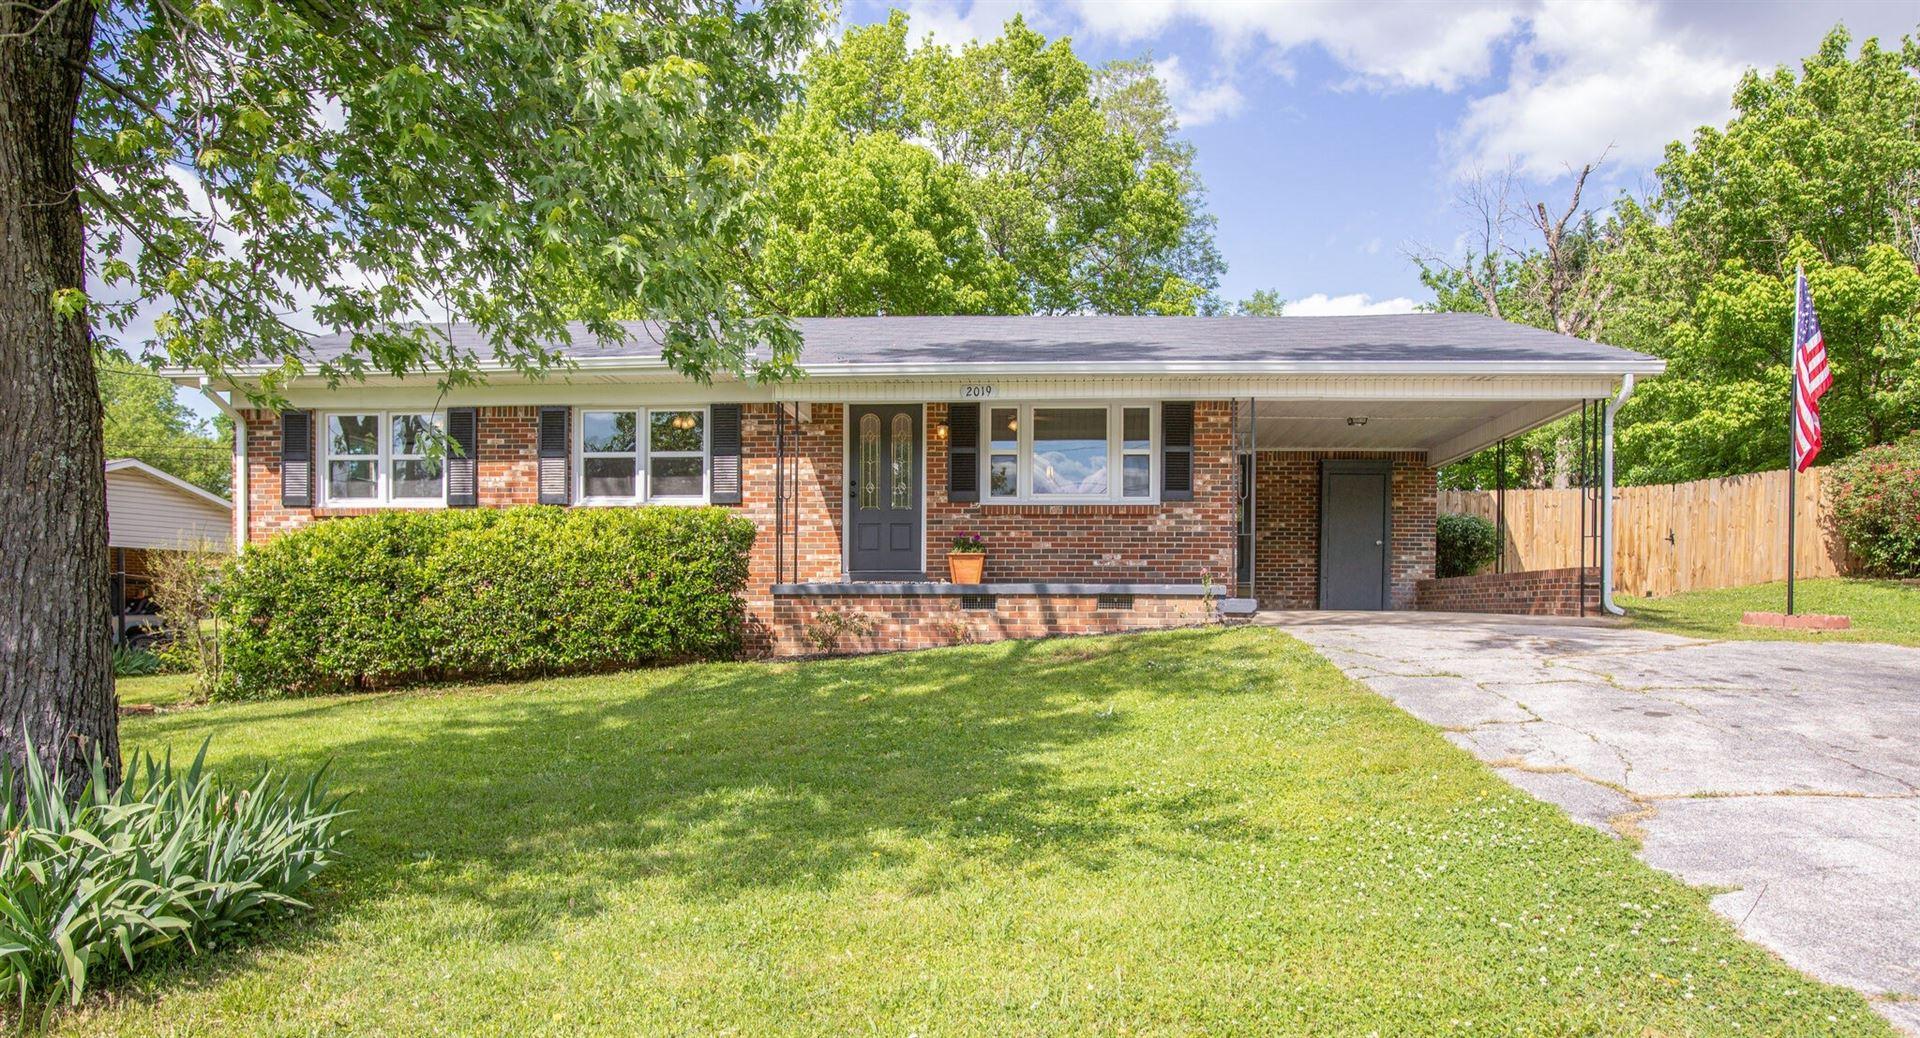 2019 Morris Ave, Columbia, TN 38401 - MLS#: 2251311